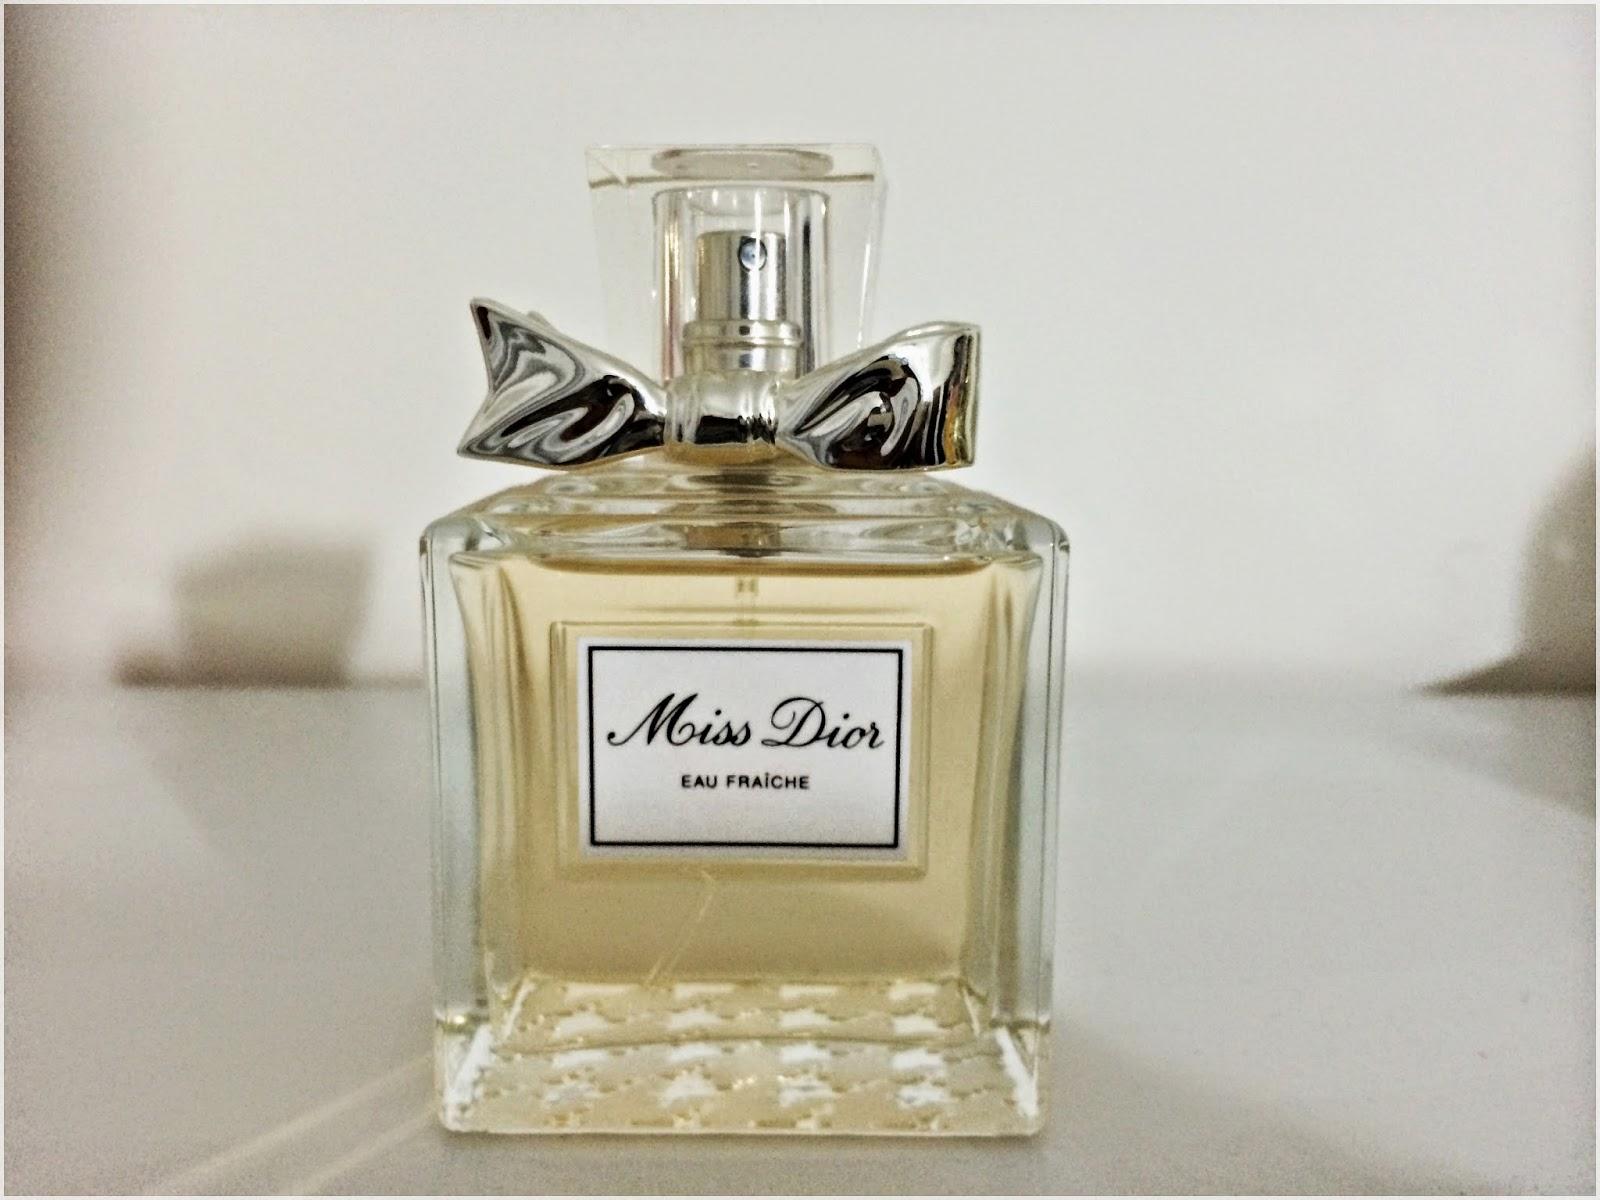 """6df2e5c88e0 Ele criou uma fragrância fresca e iluminada."""" Eu adoro perfume doce"""